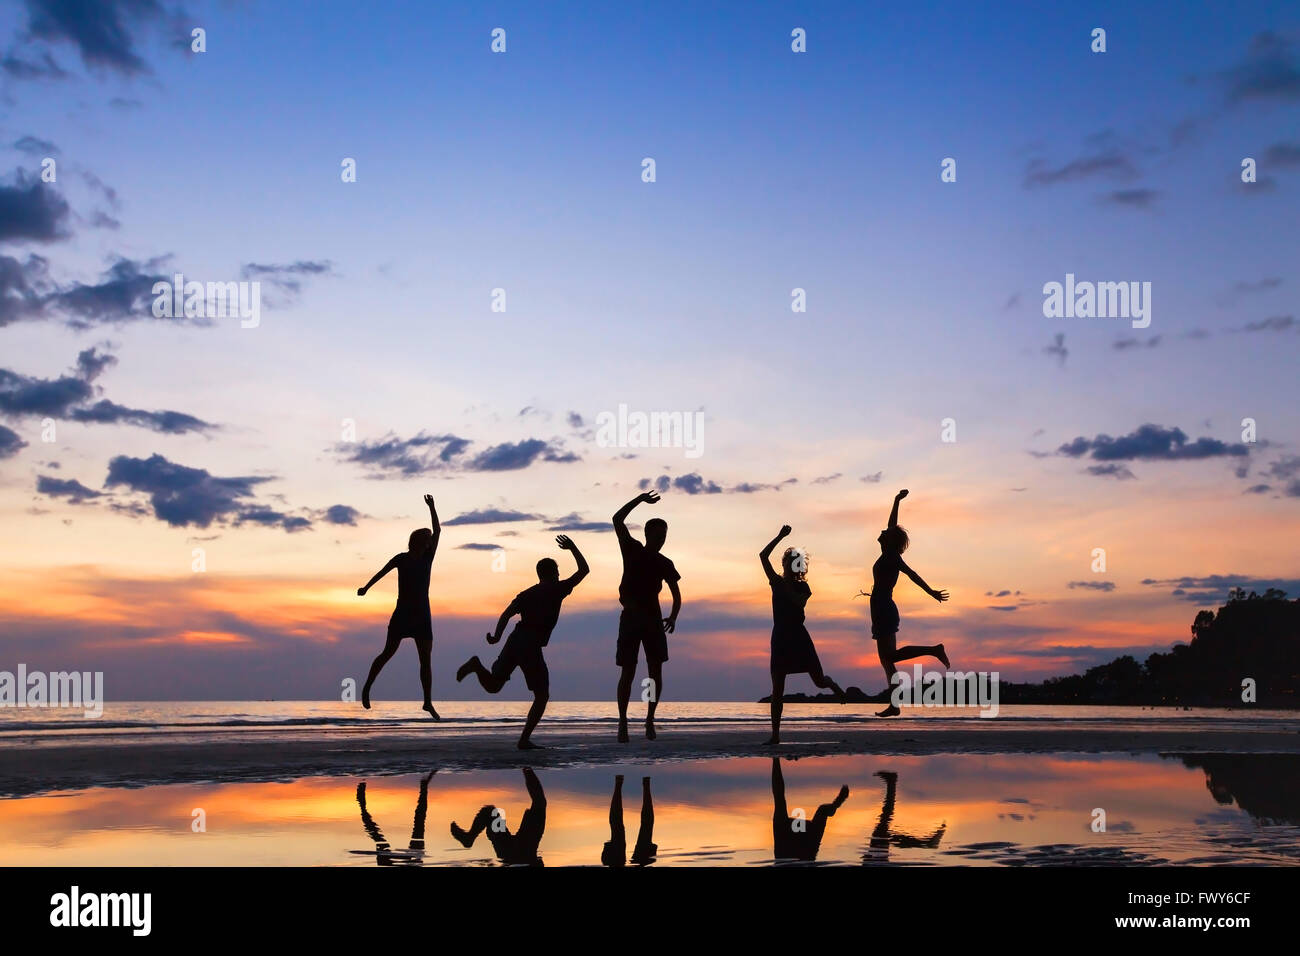 Gruppe von Menschen springen am Strand bei Sonnenuntergang, Silhouette von Freunden gemeinsam Spaß haben Stockbild